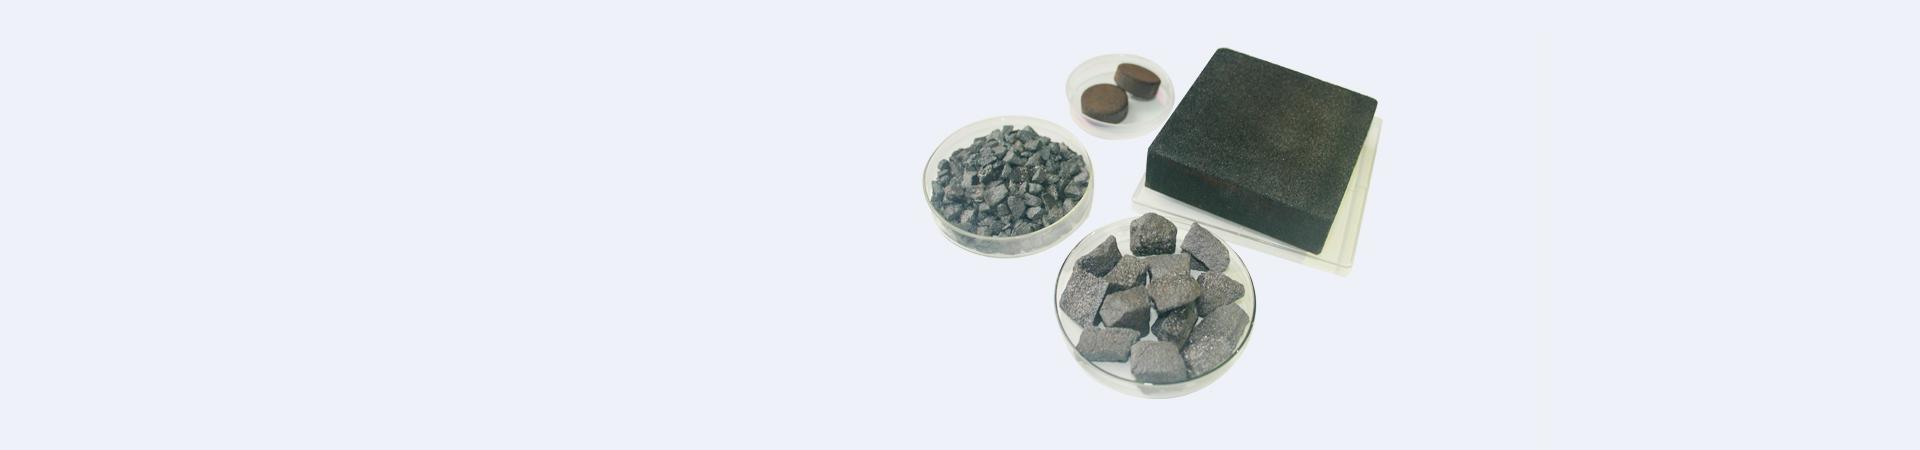 硫化锌,五氧化三钛,混合物膜料,五氧化二铌,五氧化二钽,硒化锌,一氧化硅